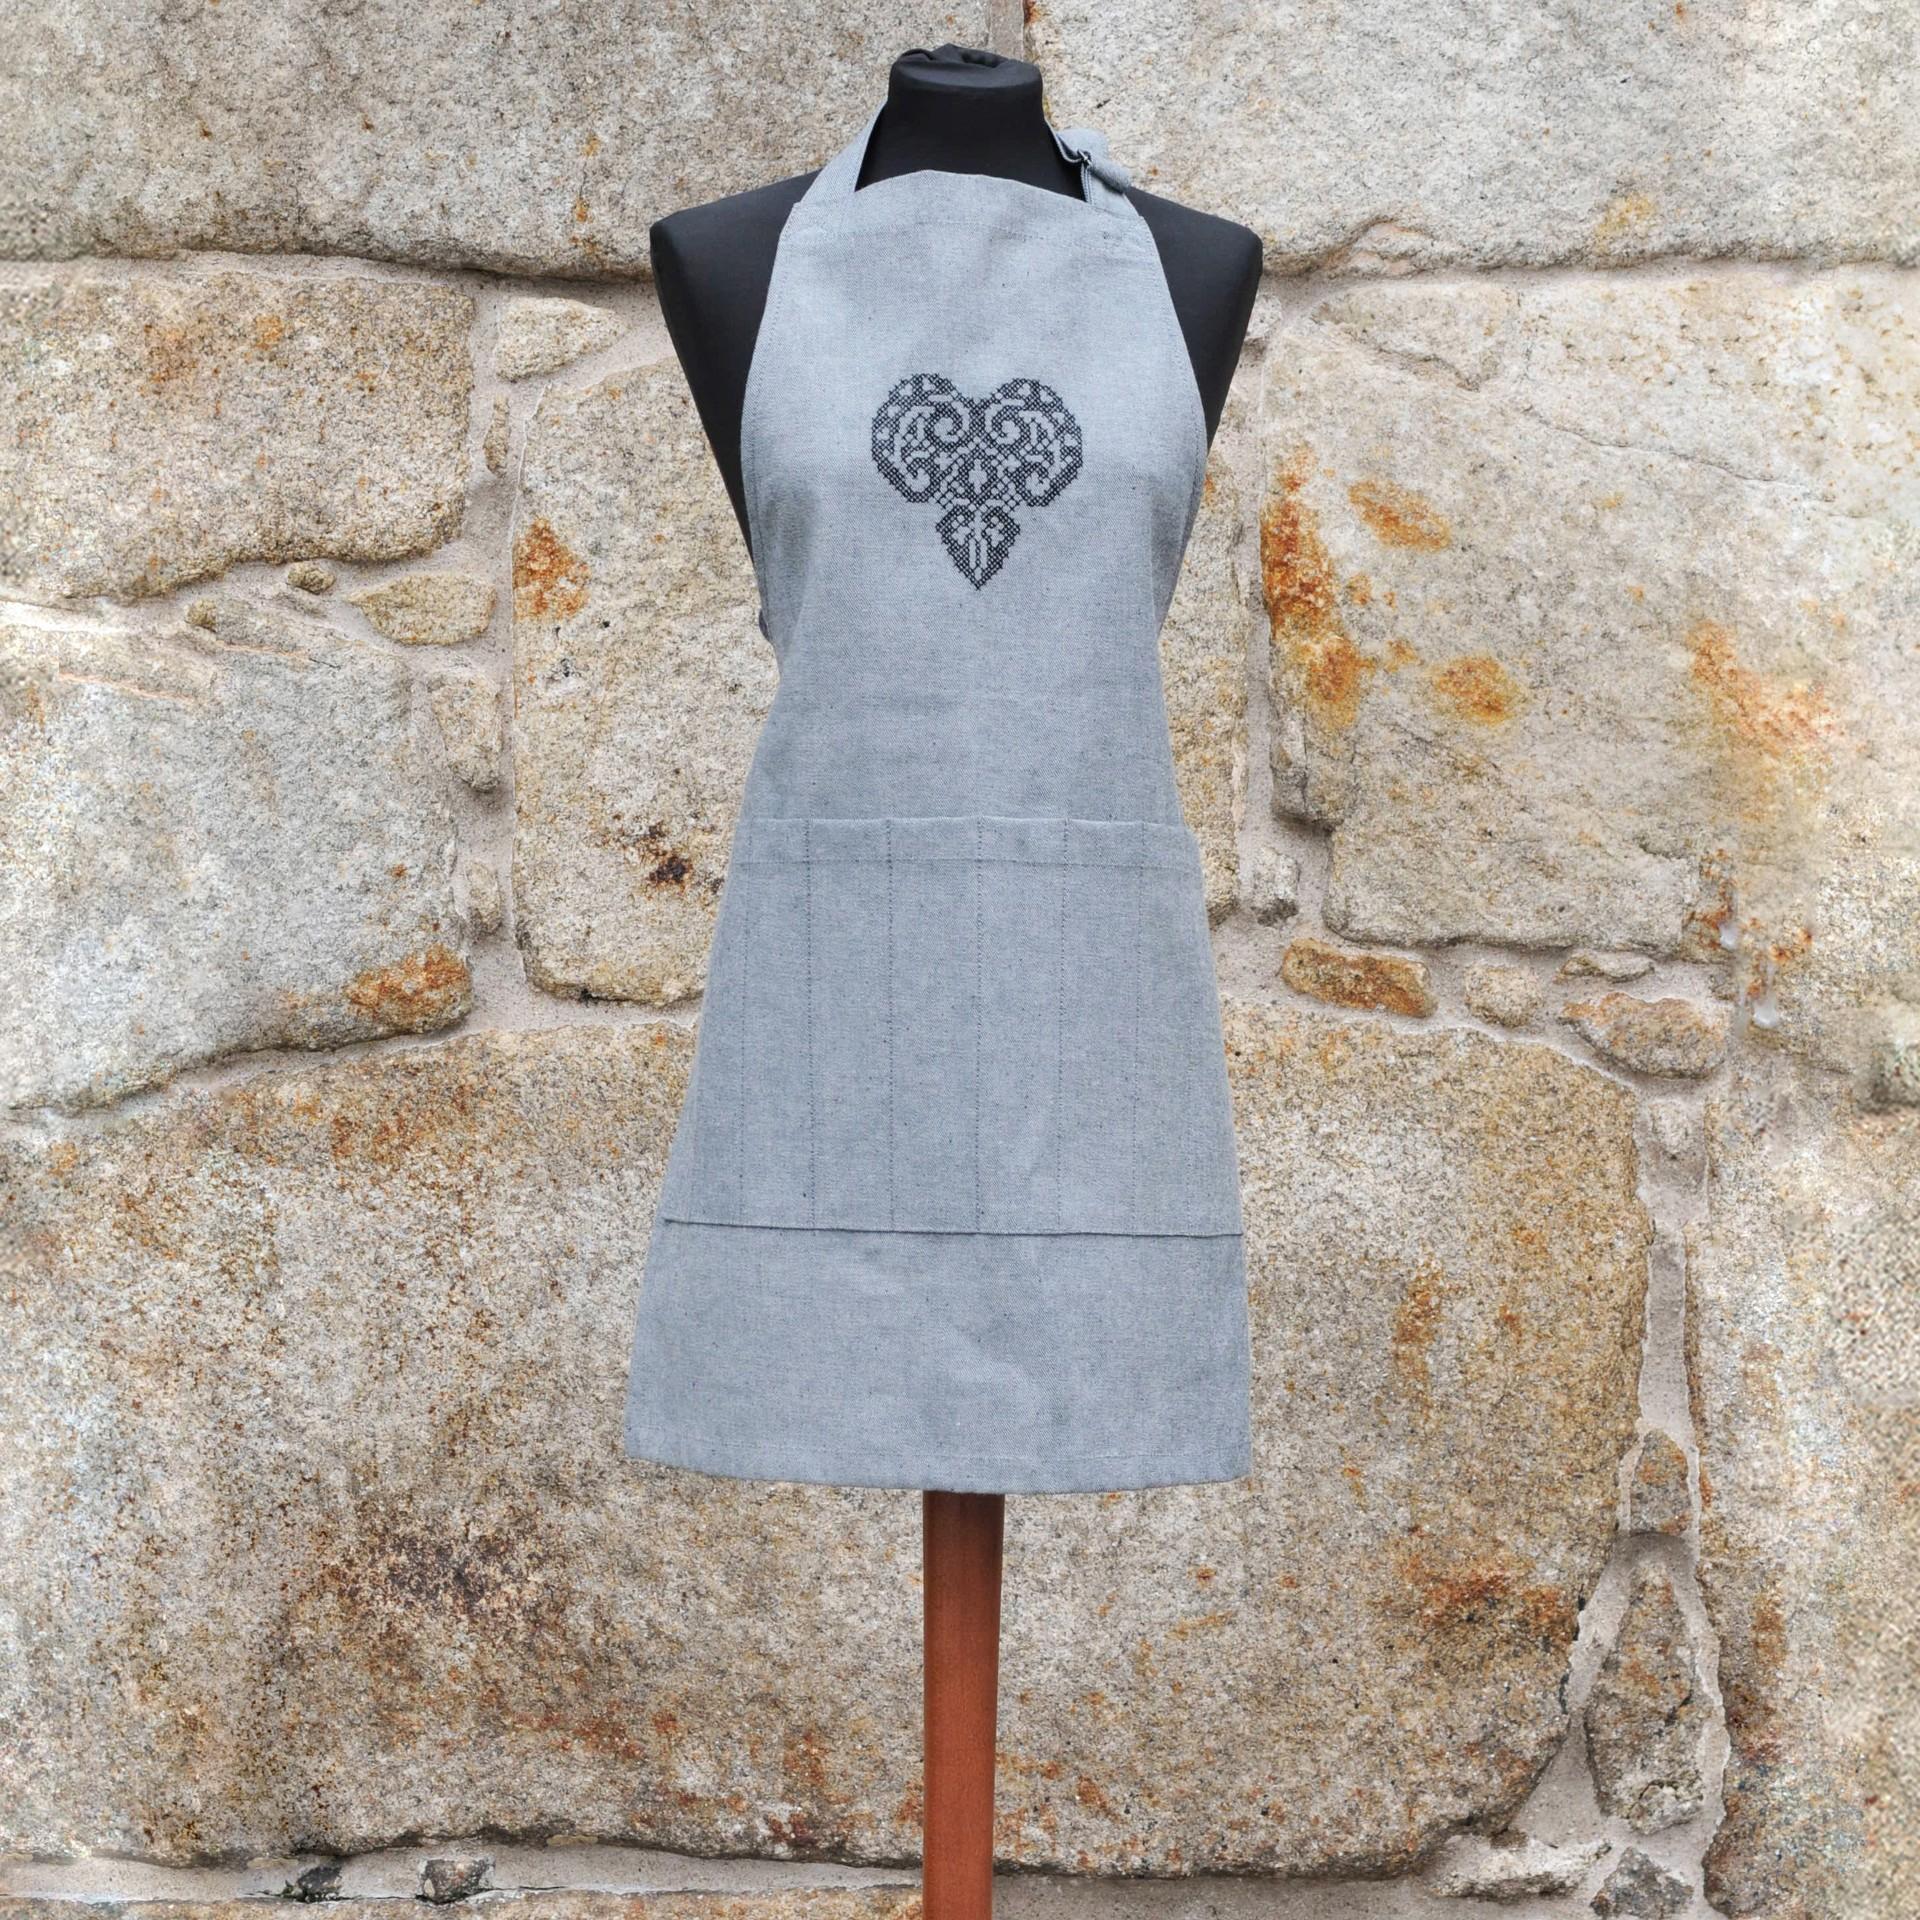 Avental em ganga - coração preto em filigrana, sem folhos